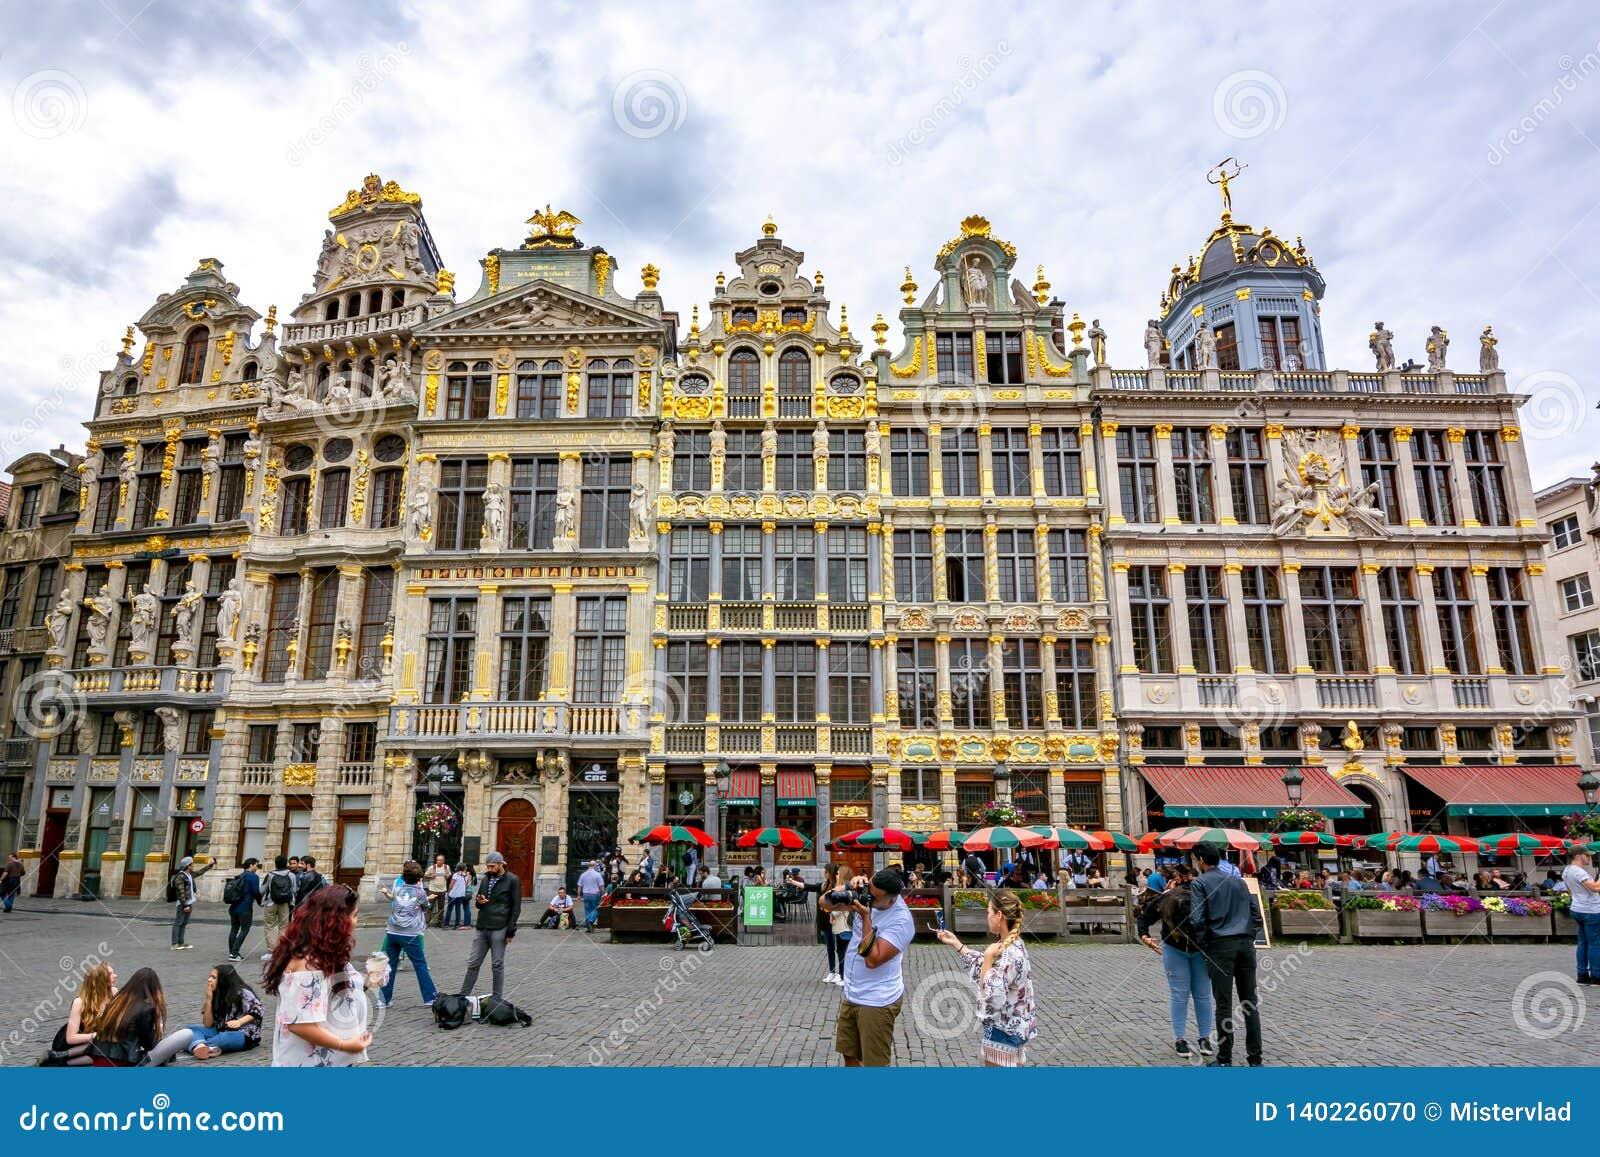 Construções no quadrado de Grand Place no centro de Bruxelas, Bélgica